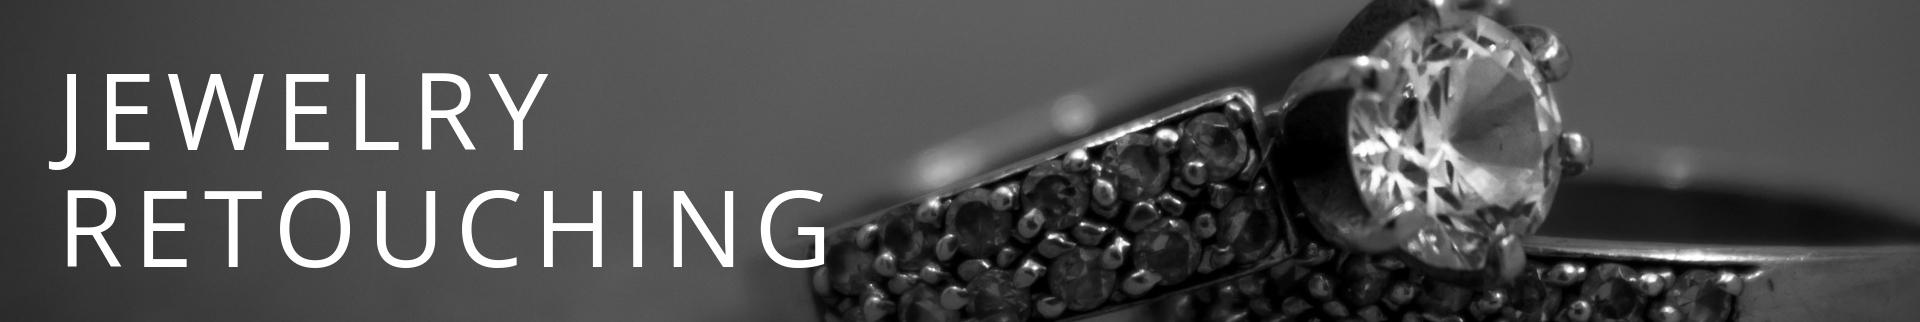 Jewelry Retouching Services India | Jewellery Photo Retouching Company